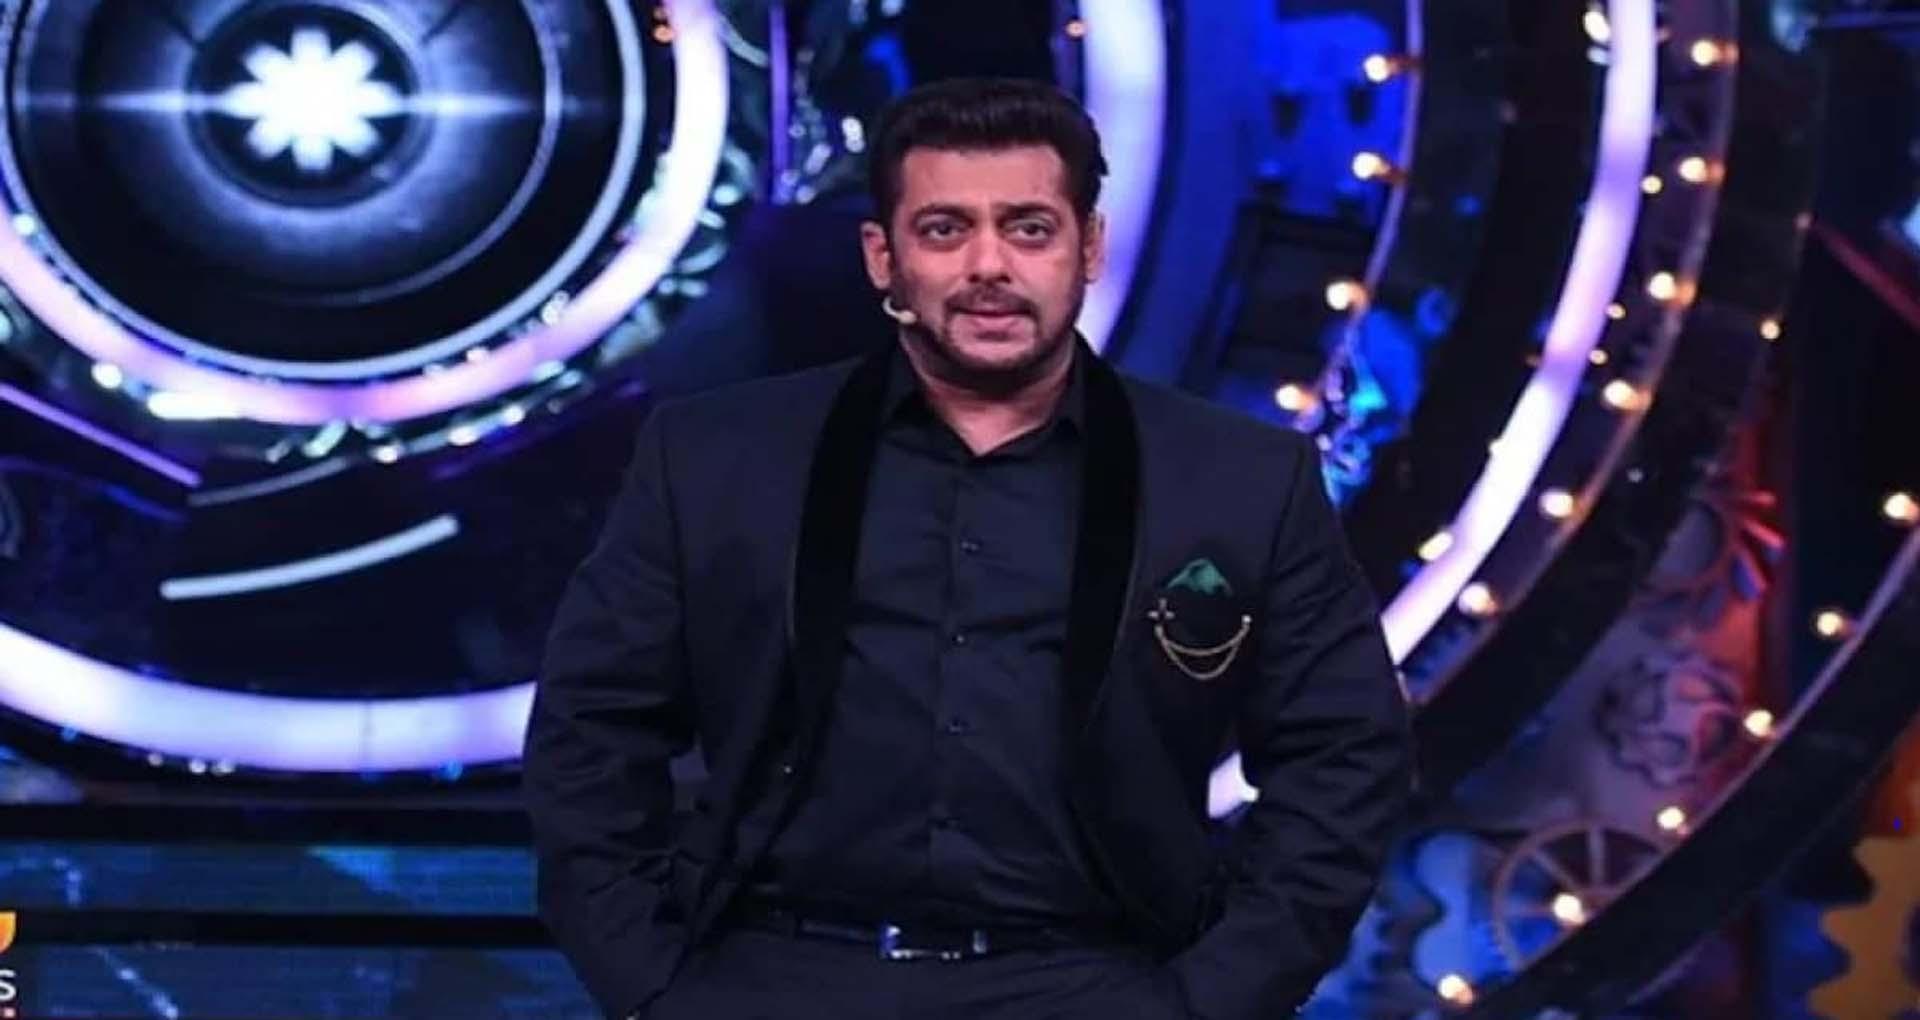 Bigg Boss 14: एजाज-कविता की लड़ाई में आए सलमान खान, बीच में ही छोड़ा 'वीकेंड का वार' एपिसोड